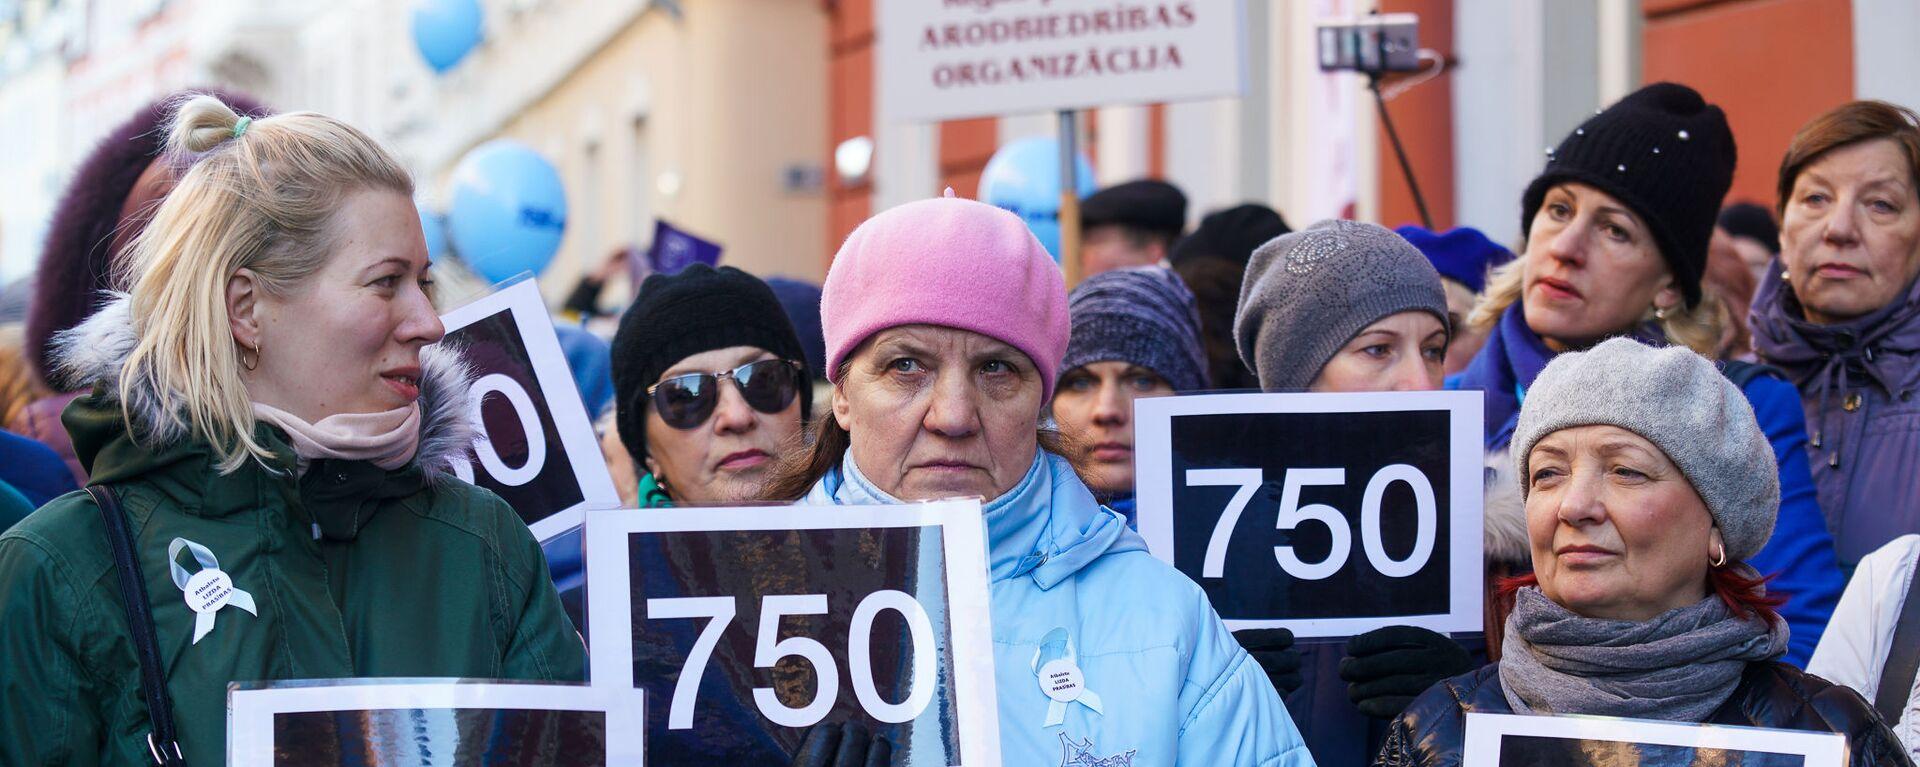 Акция протеста Латвийского профсоюза работников образования и науки с требованием выполнения ранее утвержденного графика повышения зарплат - Sputnik Латвия, 1920, 27.08.2020